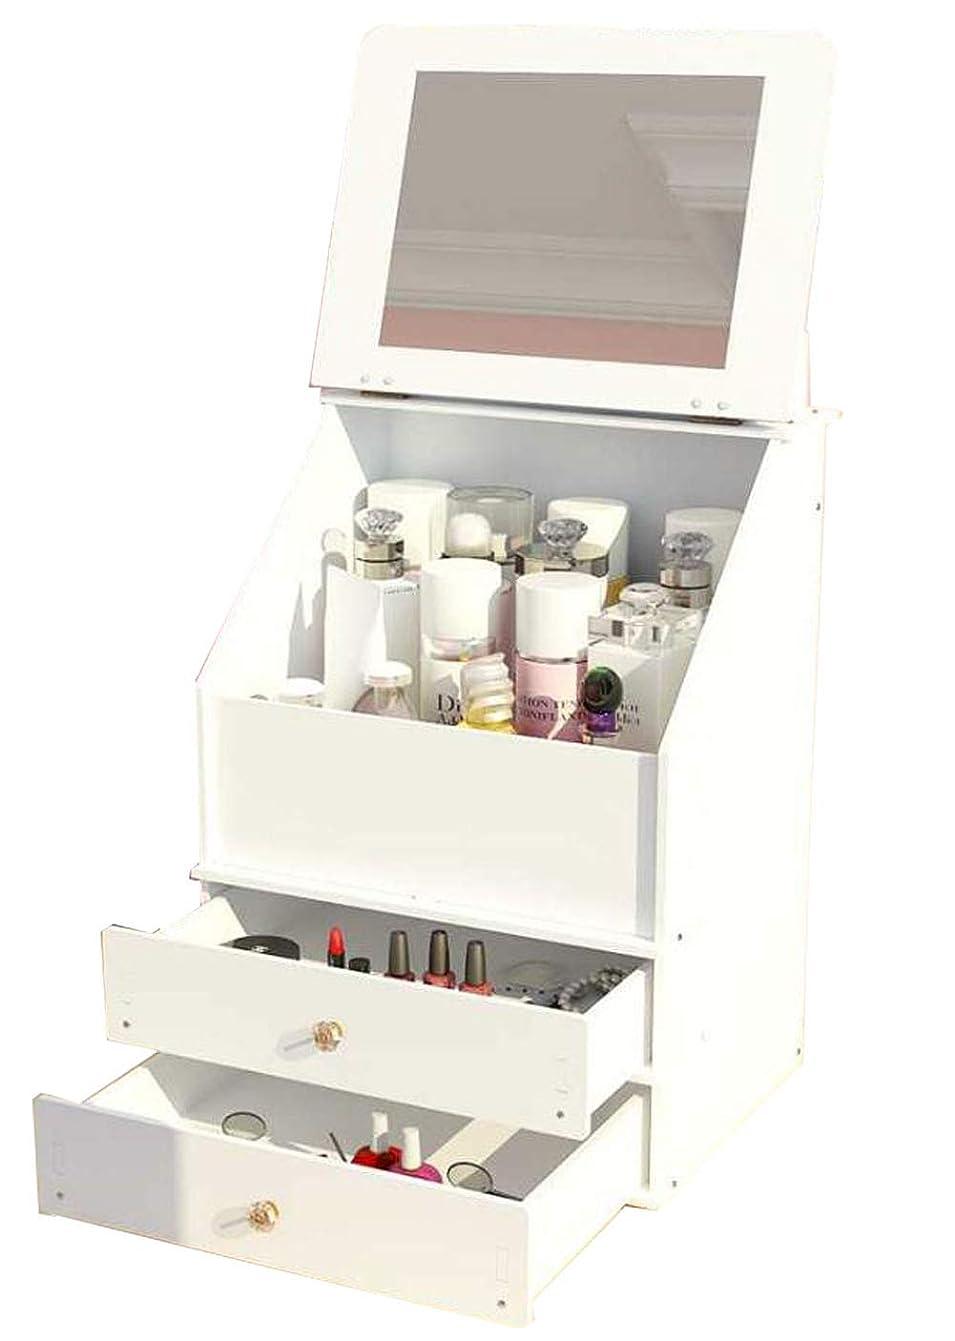 不快な害虫噂[ふーふうん] 化粧品収納ケース 防塵 コスメボックス 大容量 鏡付き アクセサリー収納ボックス